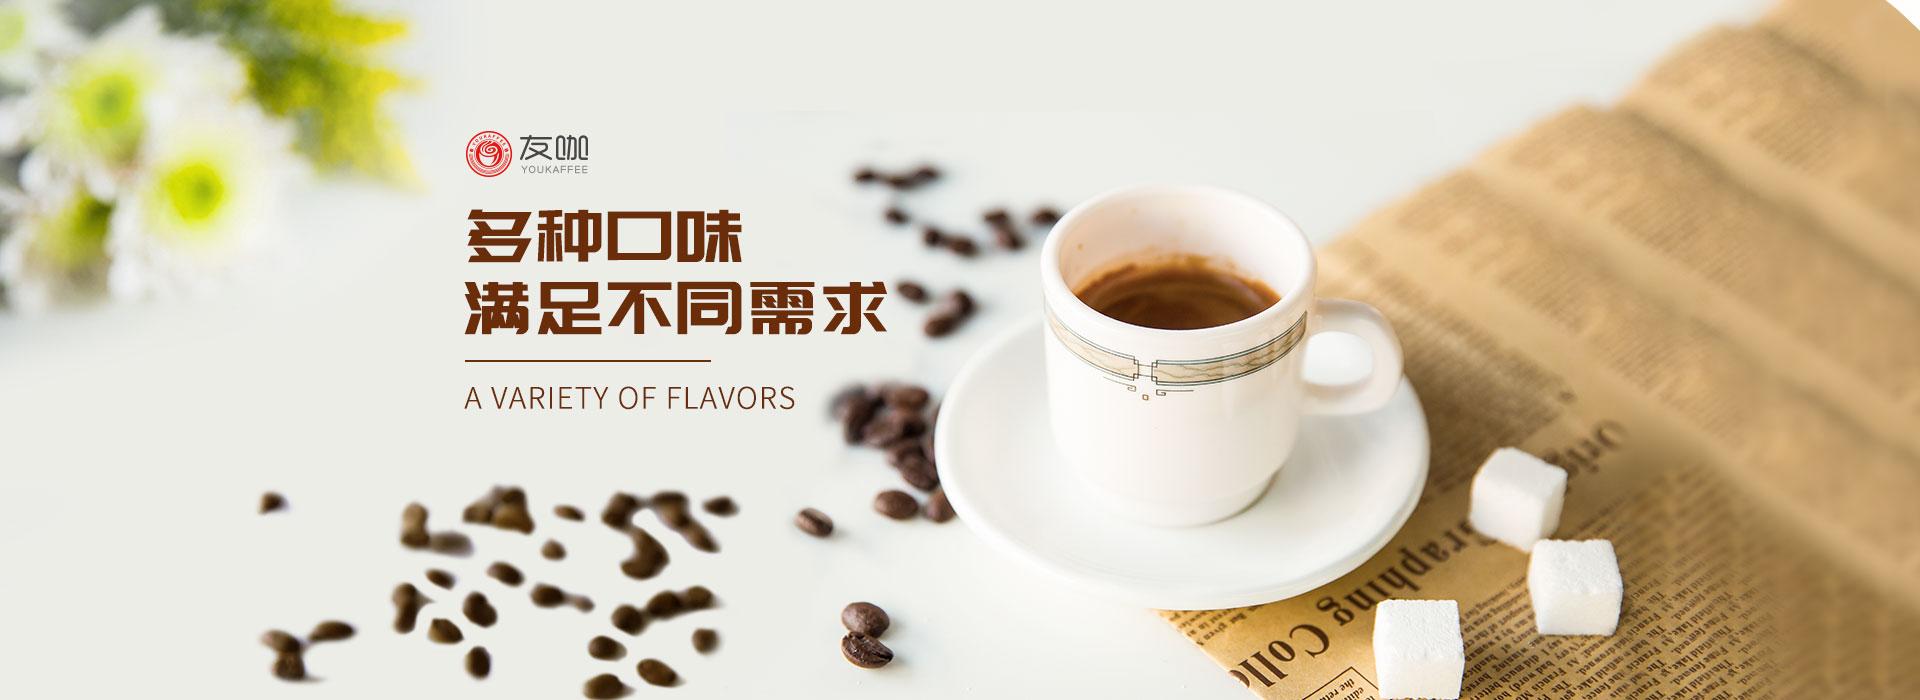 友咖啡_巧克力